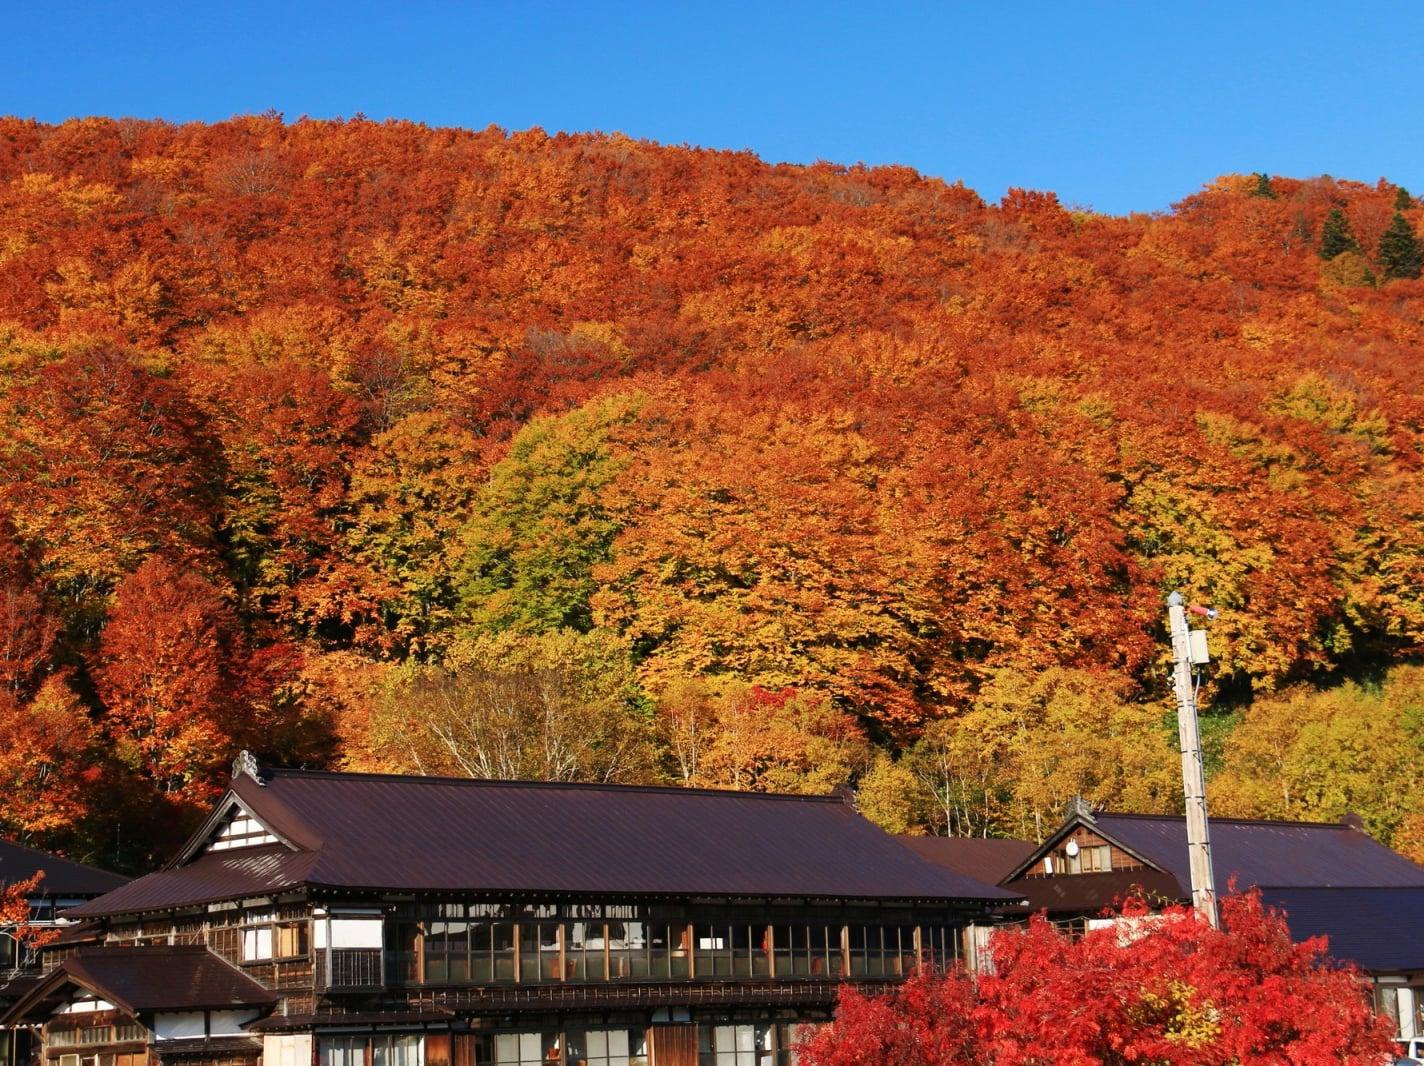 青森県酸ヶ湯温泉の観光スポット|温泉・八甲田の大自然・観光を楽しもう